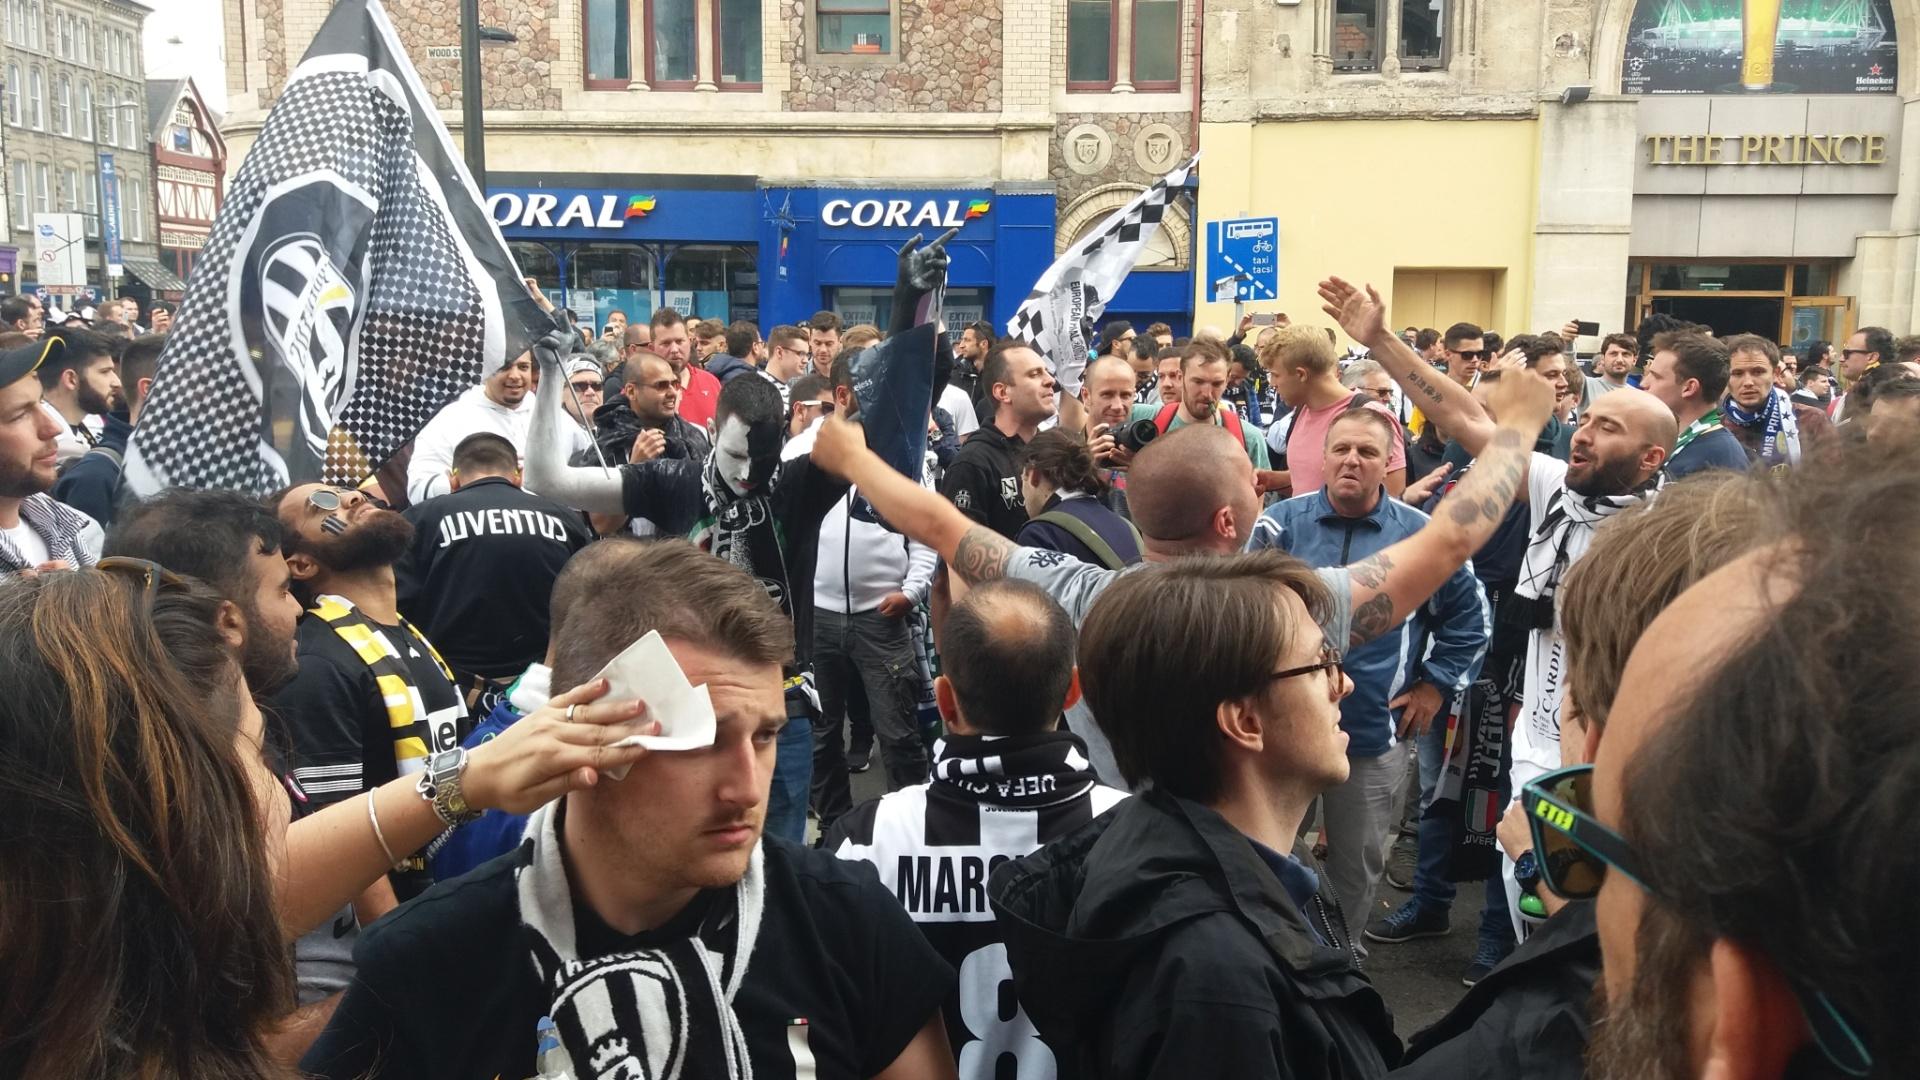 Torcedores da Juventus madrugaram em Cardiff antes da final